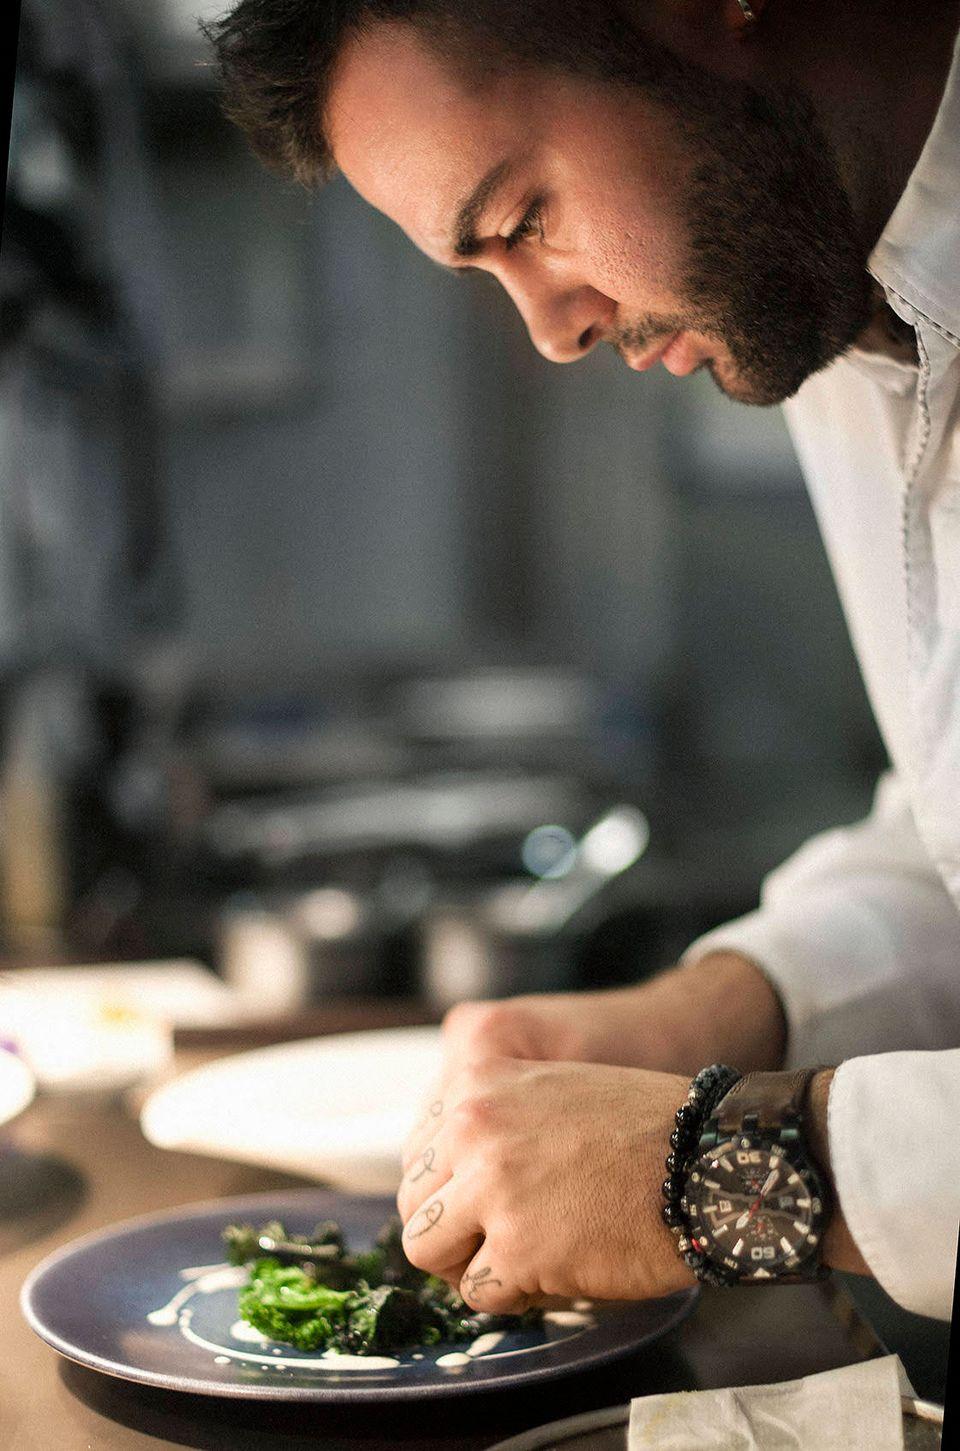 Ασημάκης Χανιώτης - Ο νεότερος σεφ που κερδίζει αστέρι Michelin στον